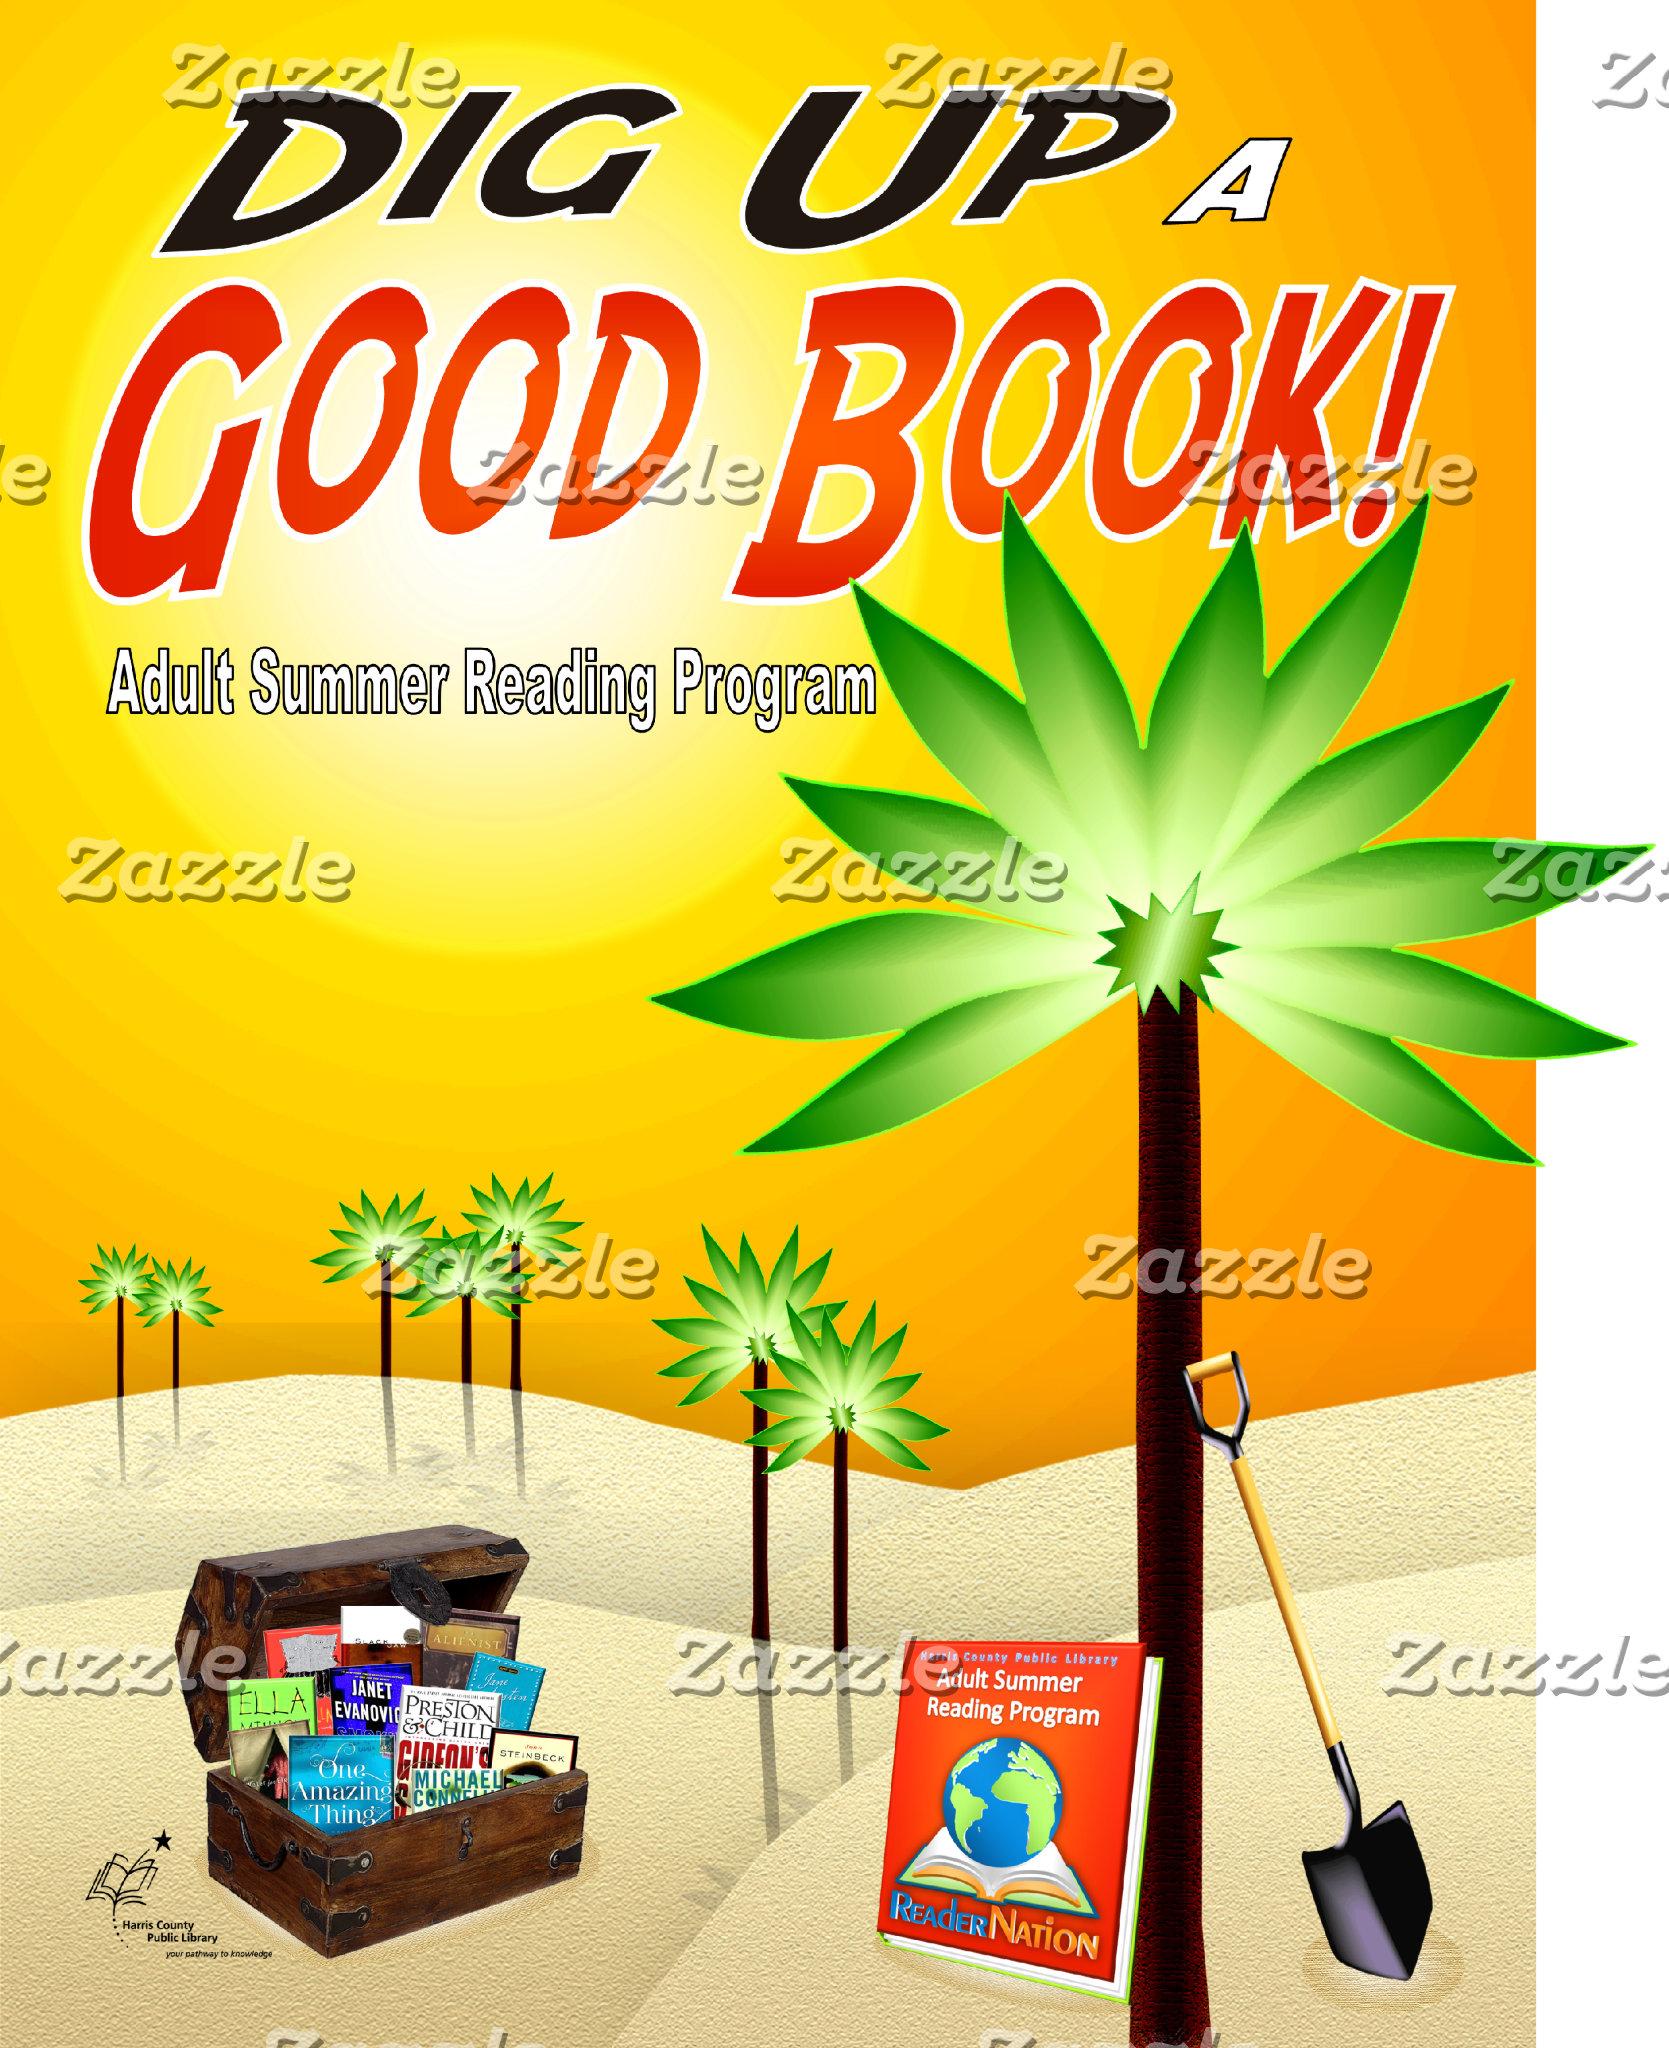 Dig Up a Good Book 2011 SRP